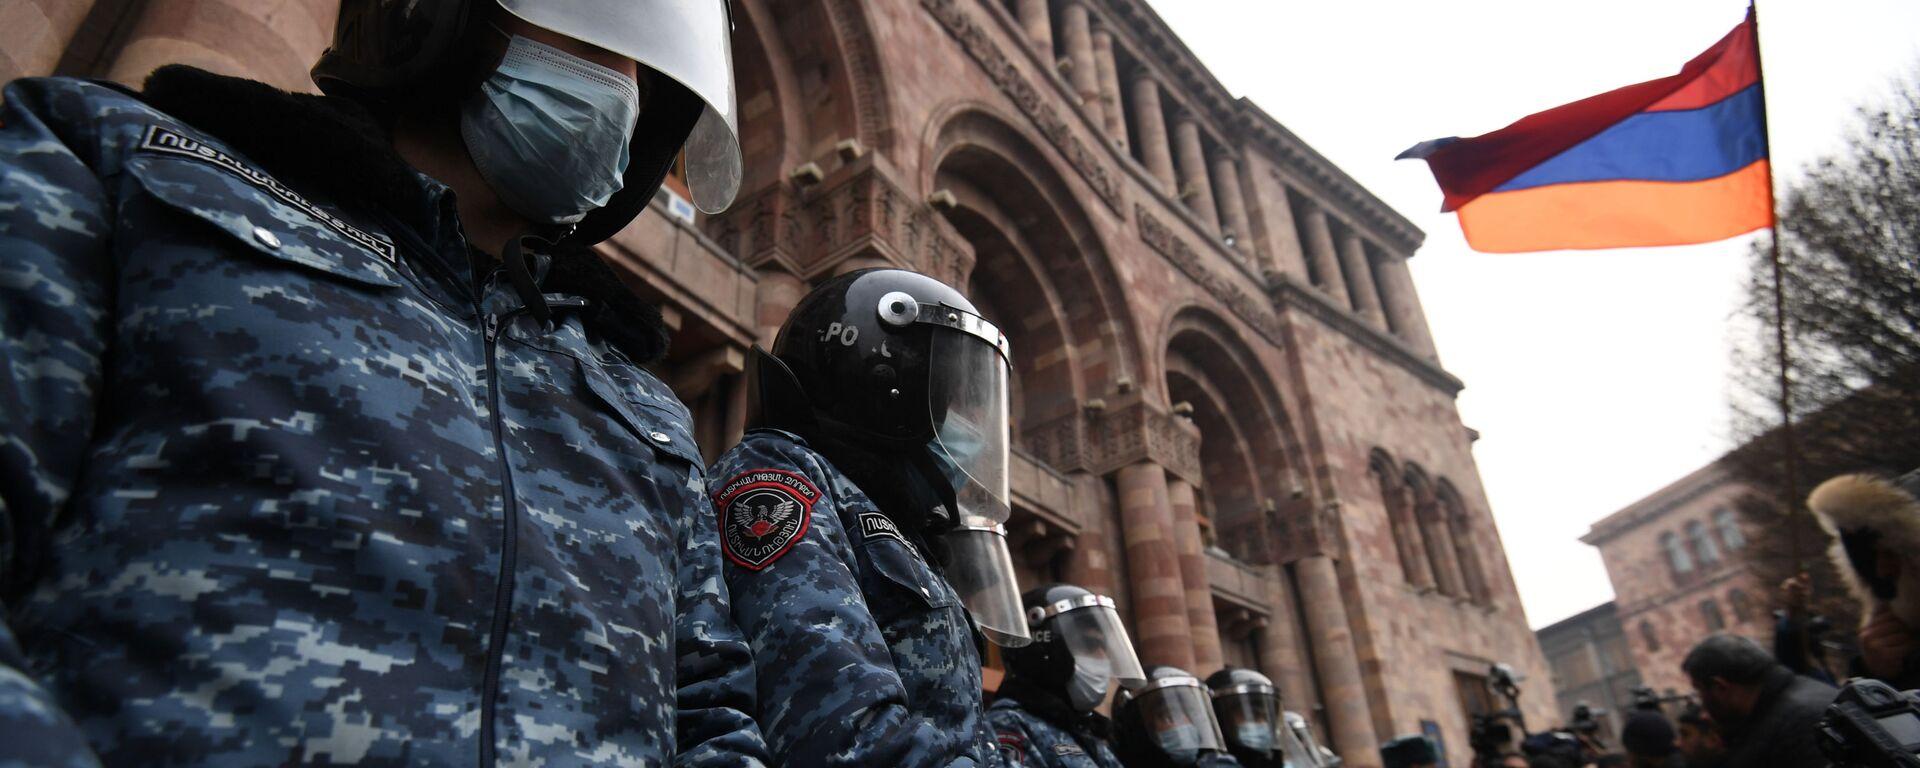 Policjanci w korekcie przed budynkiem rządu Armenii podczas wiecu opozycji na Placu Republiki w Erywaniu - Sputnik Polska, 1920, 11.01.2021